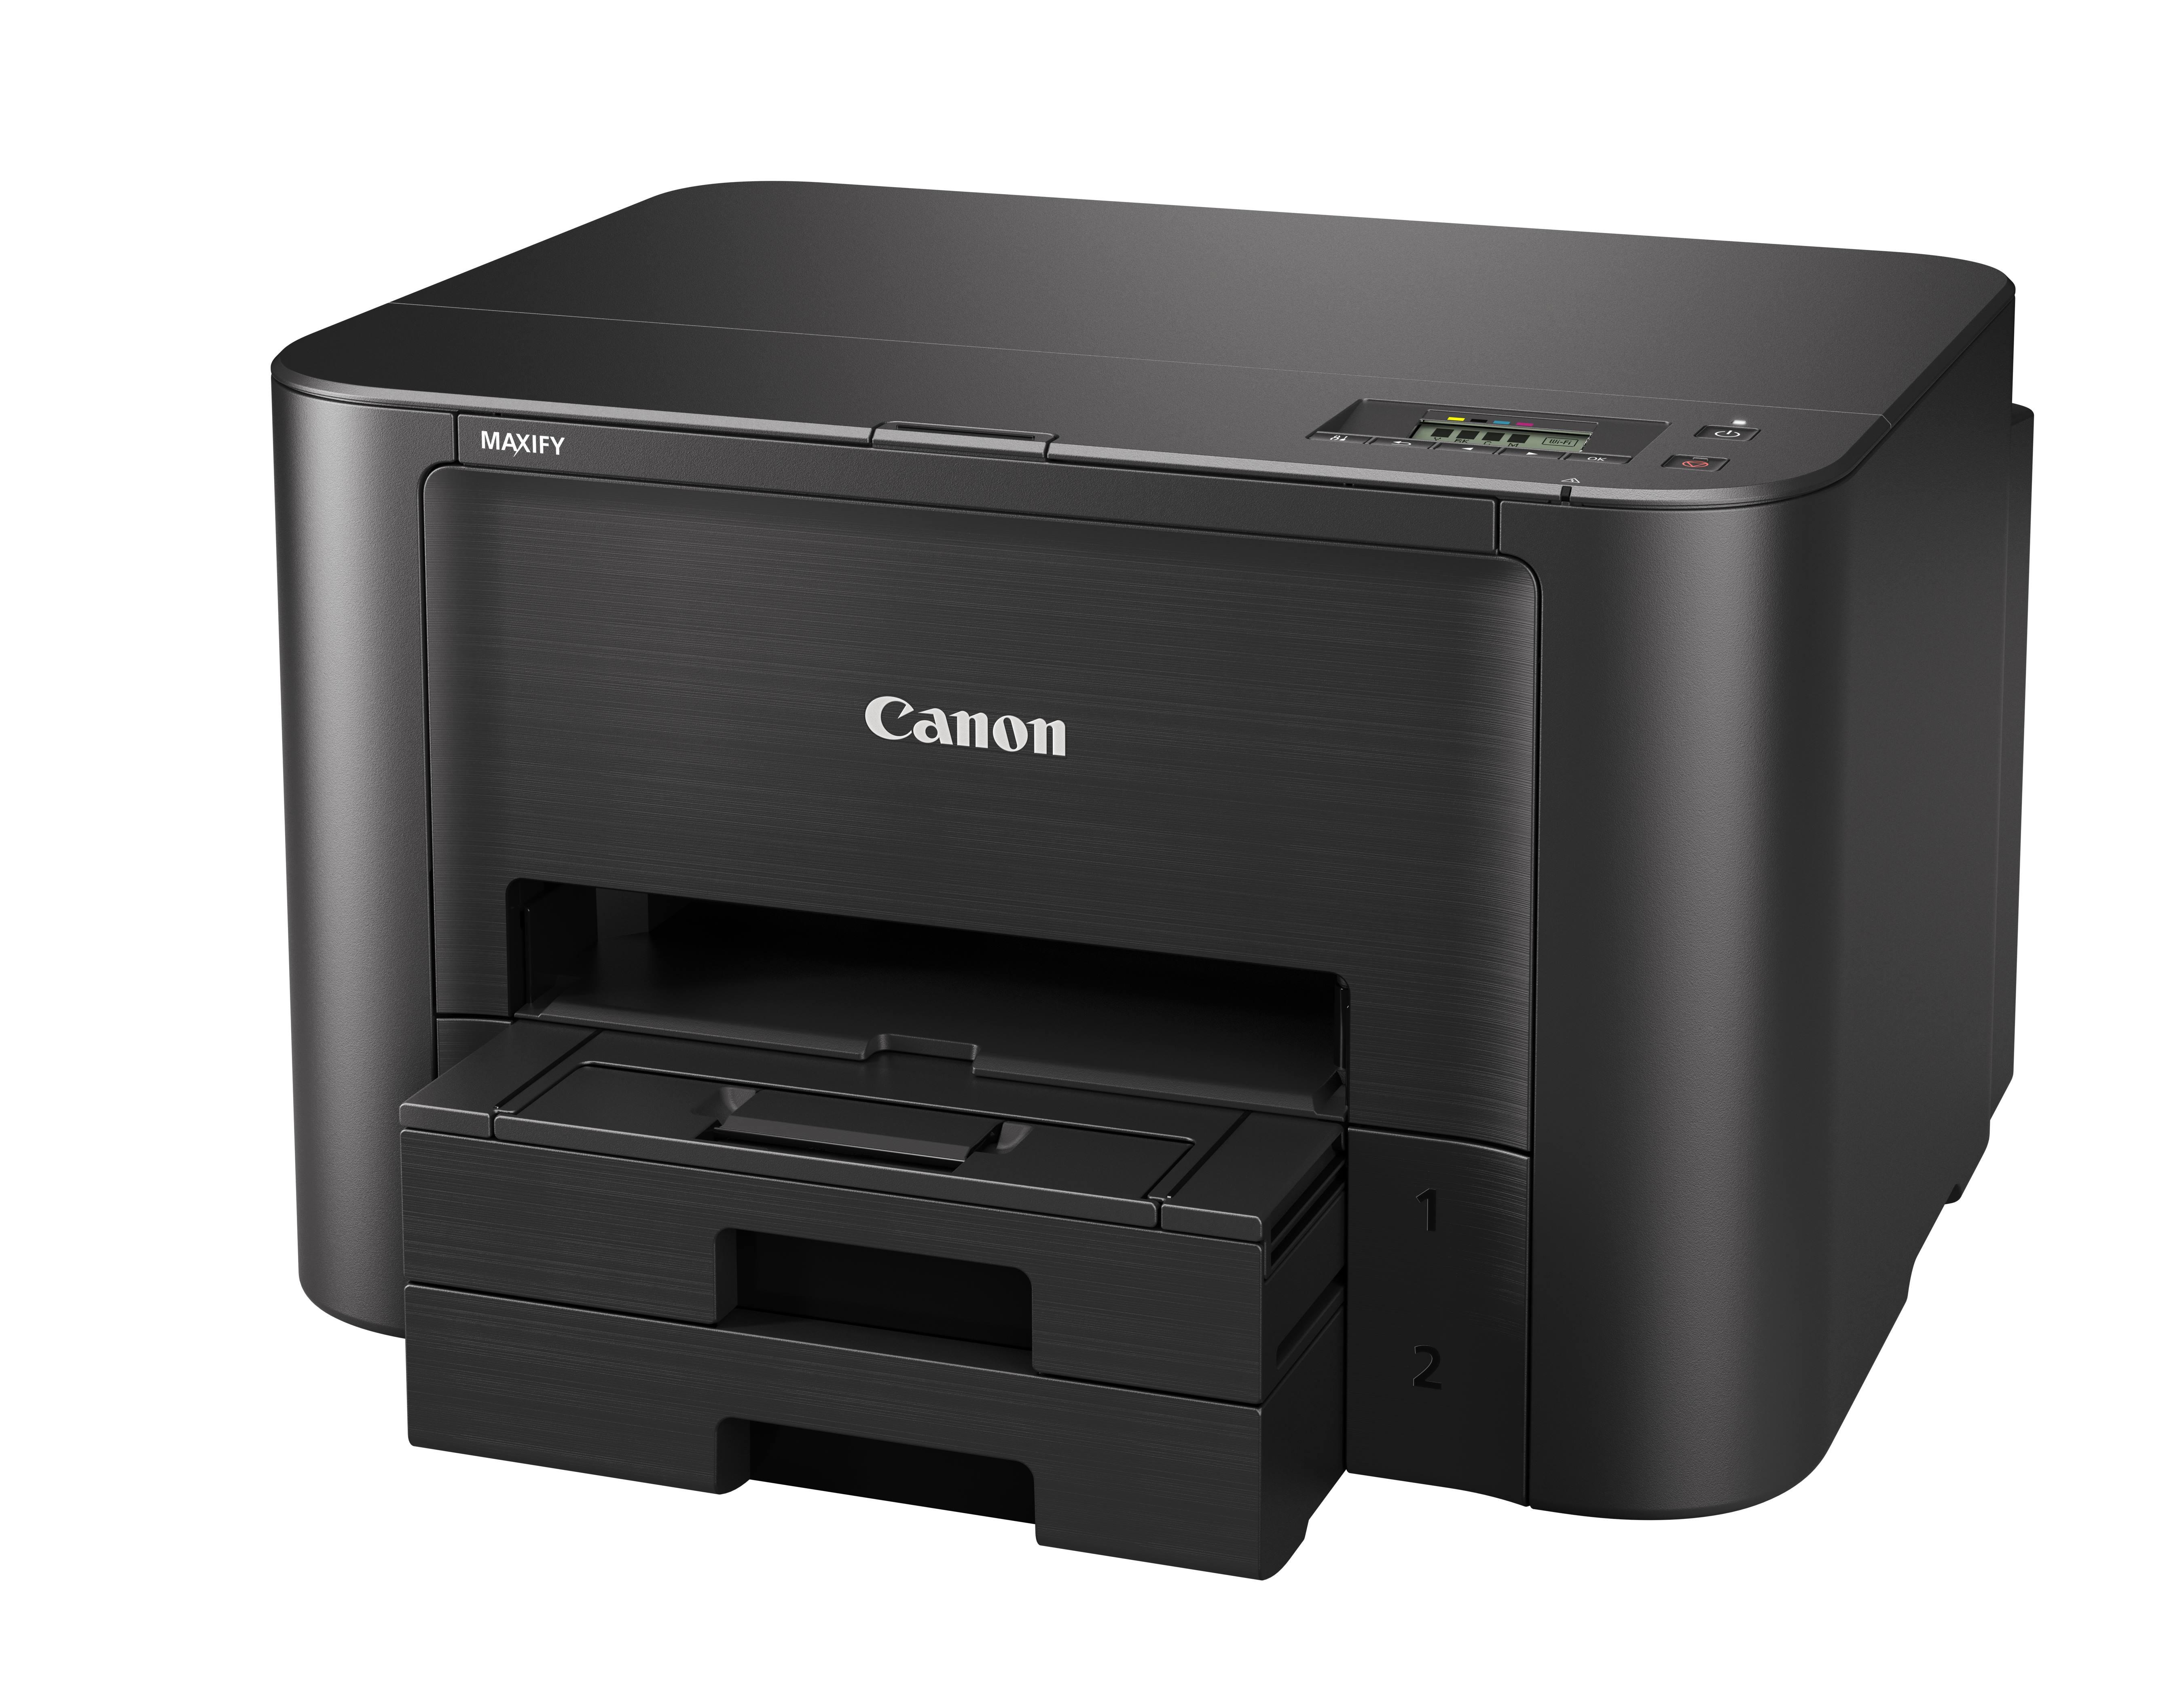 Canon Maxify iB4140 (0972C007) принтер струйный0972C007Canon Maxify iB4140 создан для гарантии высокой производительности, эффективности и надежности работы. Быстрая печать 24 изображения в минуту в монохромном режиме и 15,5 изображений в минуту в цветном режиме, увеличеный ресурс картриджа до 2500 страниц, низкие эксплуатационные расходы и поддержка Wi-Fi соединения — идеальный вариант для небольших офисных пространств. Цветной струйный принтер, который обеспечит высокую скорость и экономичность работы, даже при больших объемах печати, в любом небольшом офисном пространстве. Устройство Canon Maxify iB4140, оснащенное кассетой для бумаги повышенной емкости (на 500 листов), обеспечивает исключительные результаты печати с яркой цветопередачей и высокой четкостью текста за счет использования чернил DRHD, устойчивых к стиранию и маркерам. От низкого энергопотребления до чернильных картриджей с увеличенным ресурсом и цветных картриджей с возможностью индивидуальной замены — устройство Canon Maxify iB4140...